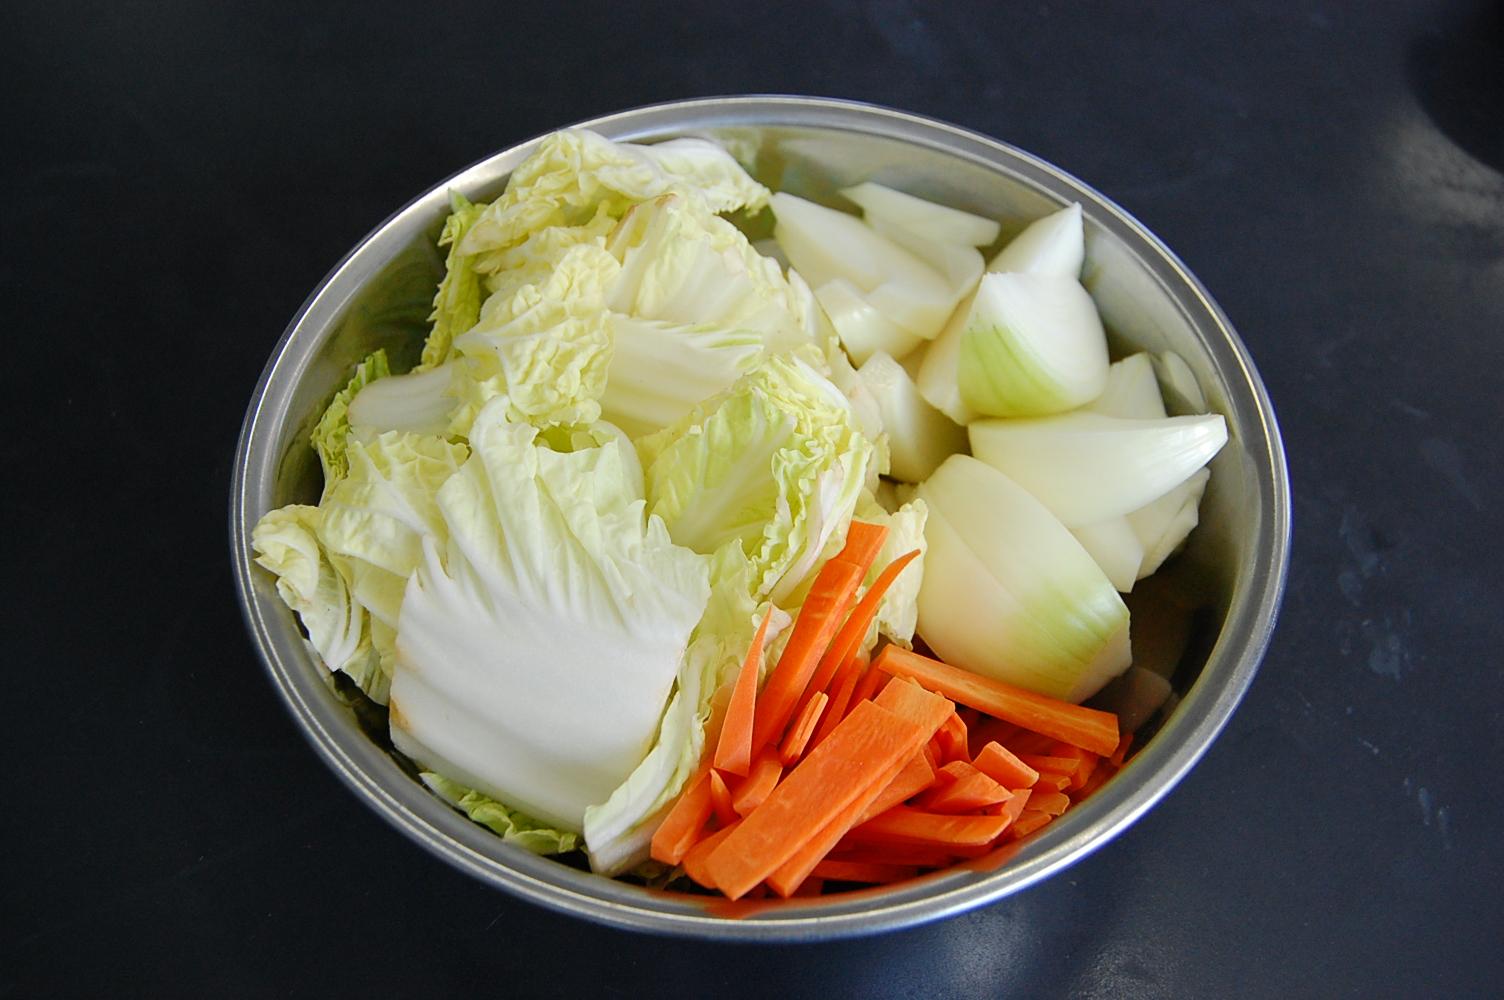 手羽元と白菜の煮込み:手順0